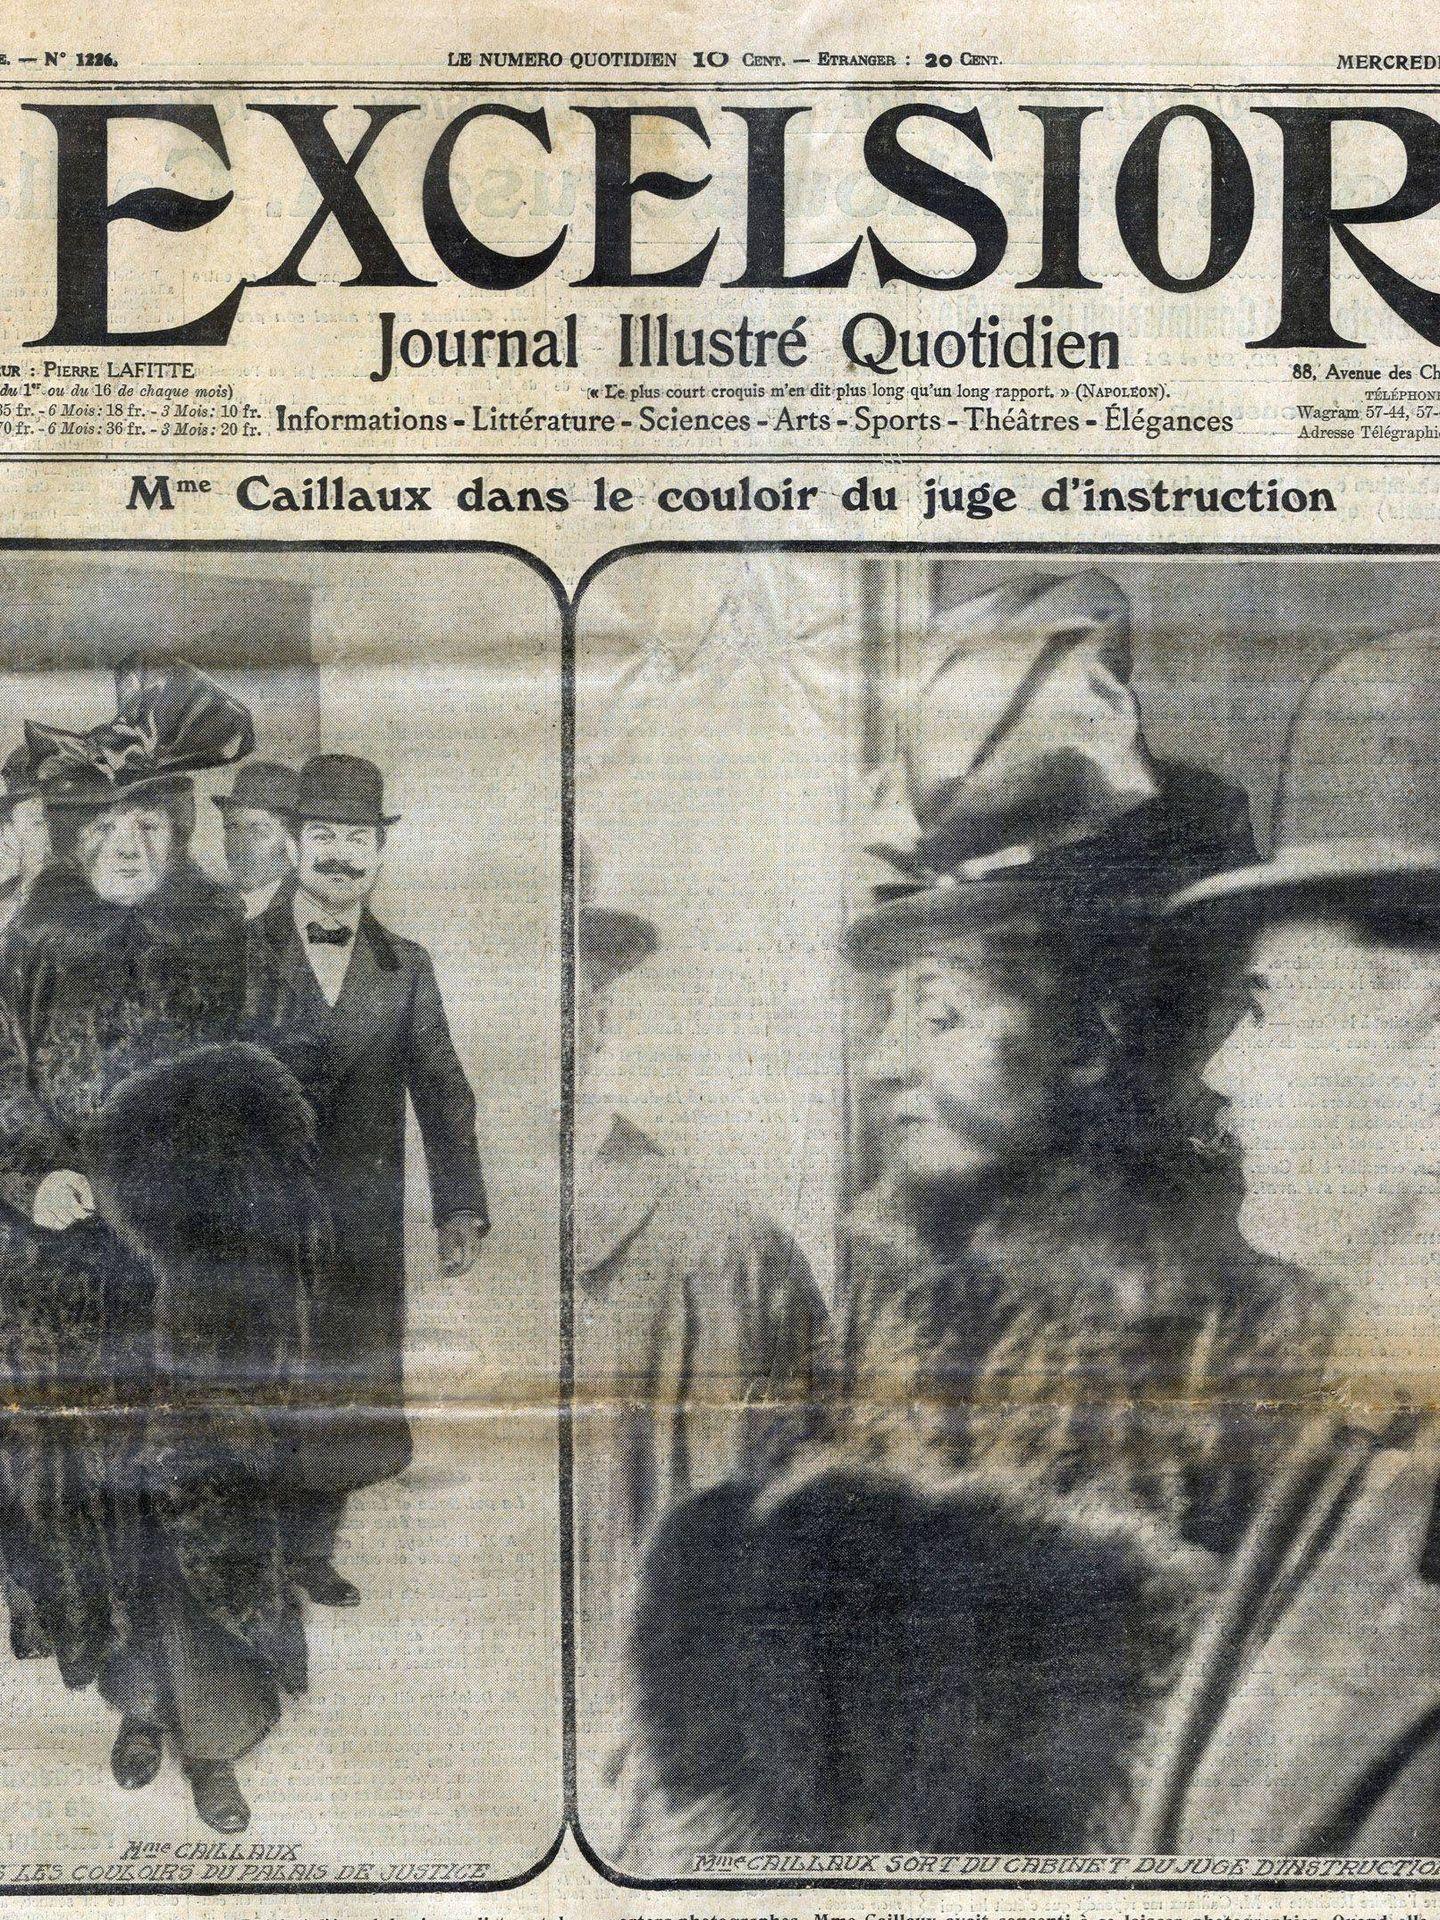 Portada del Excelsior sobre el juicio a Madame Caillaux